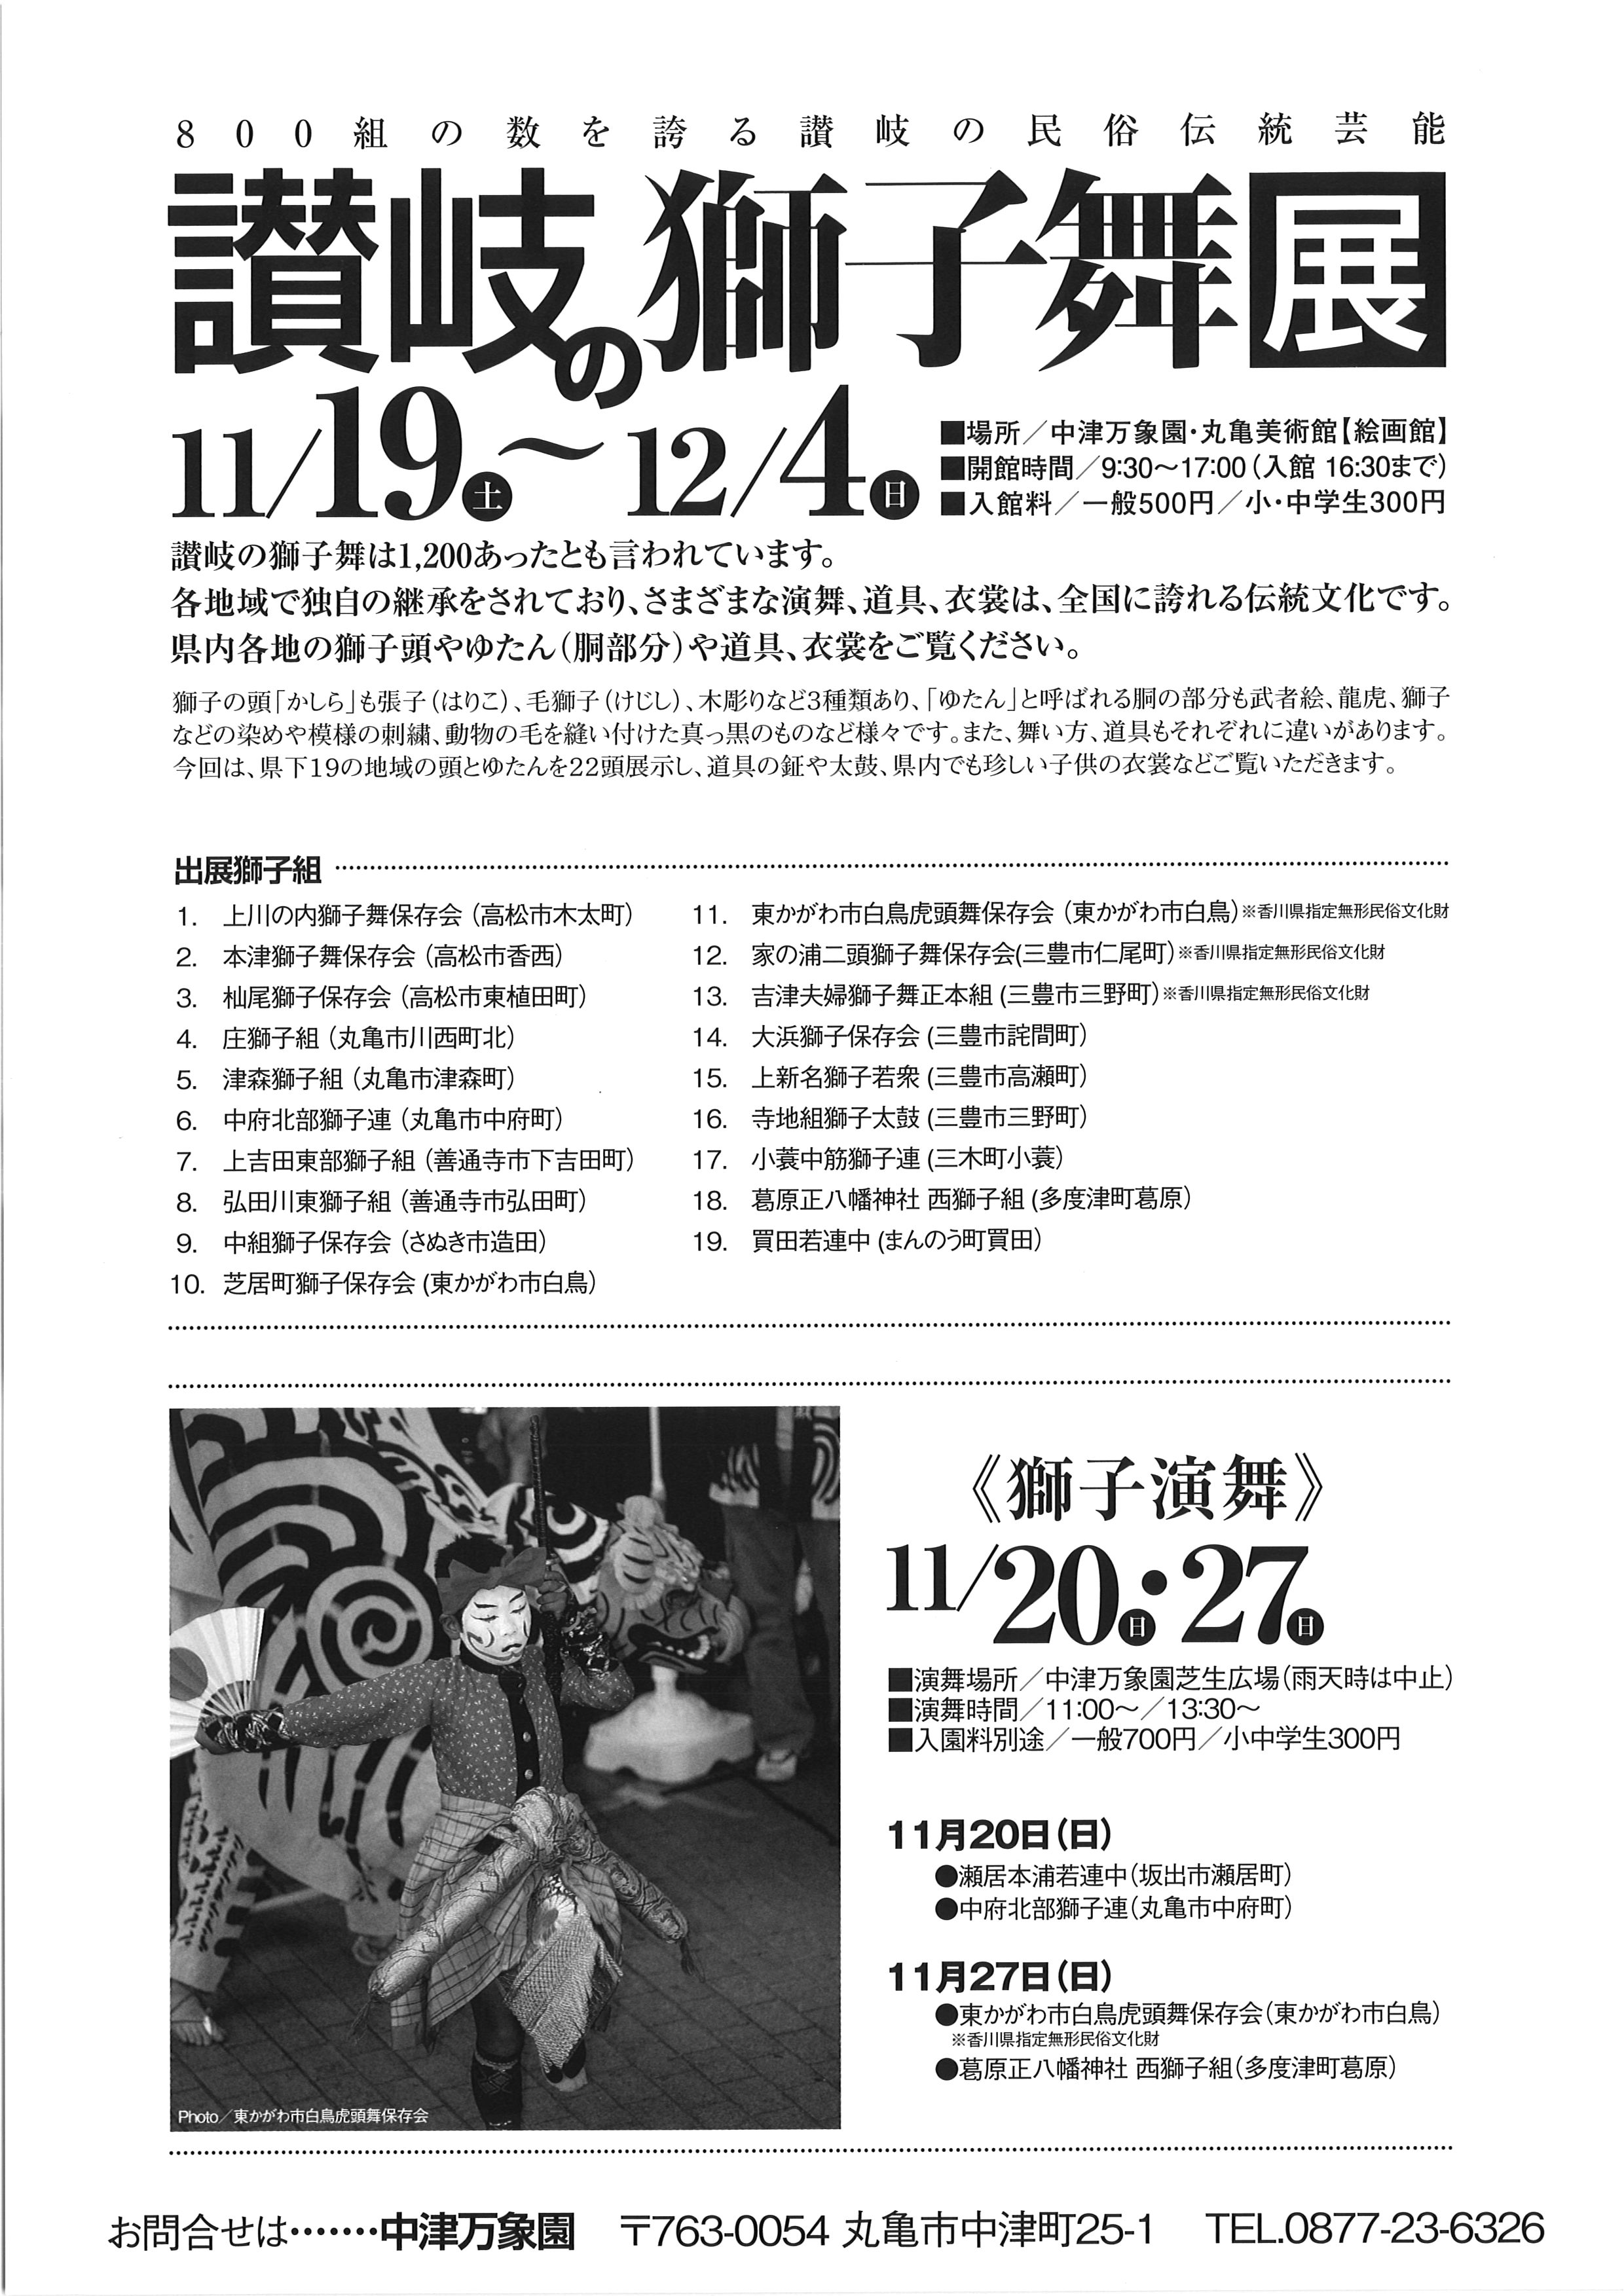 讃岐の獅子舞展 出展、演舞組一覧